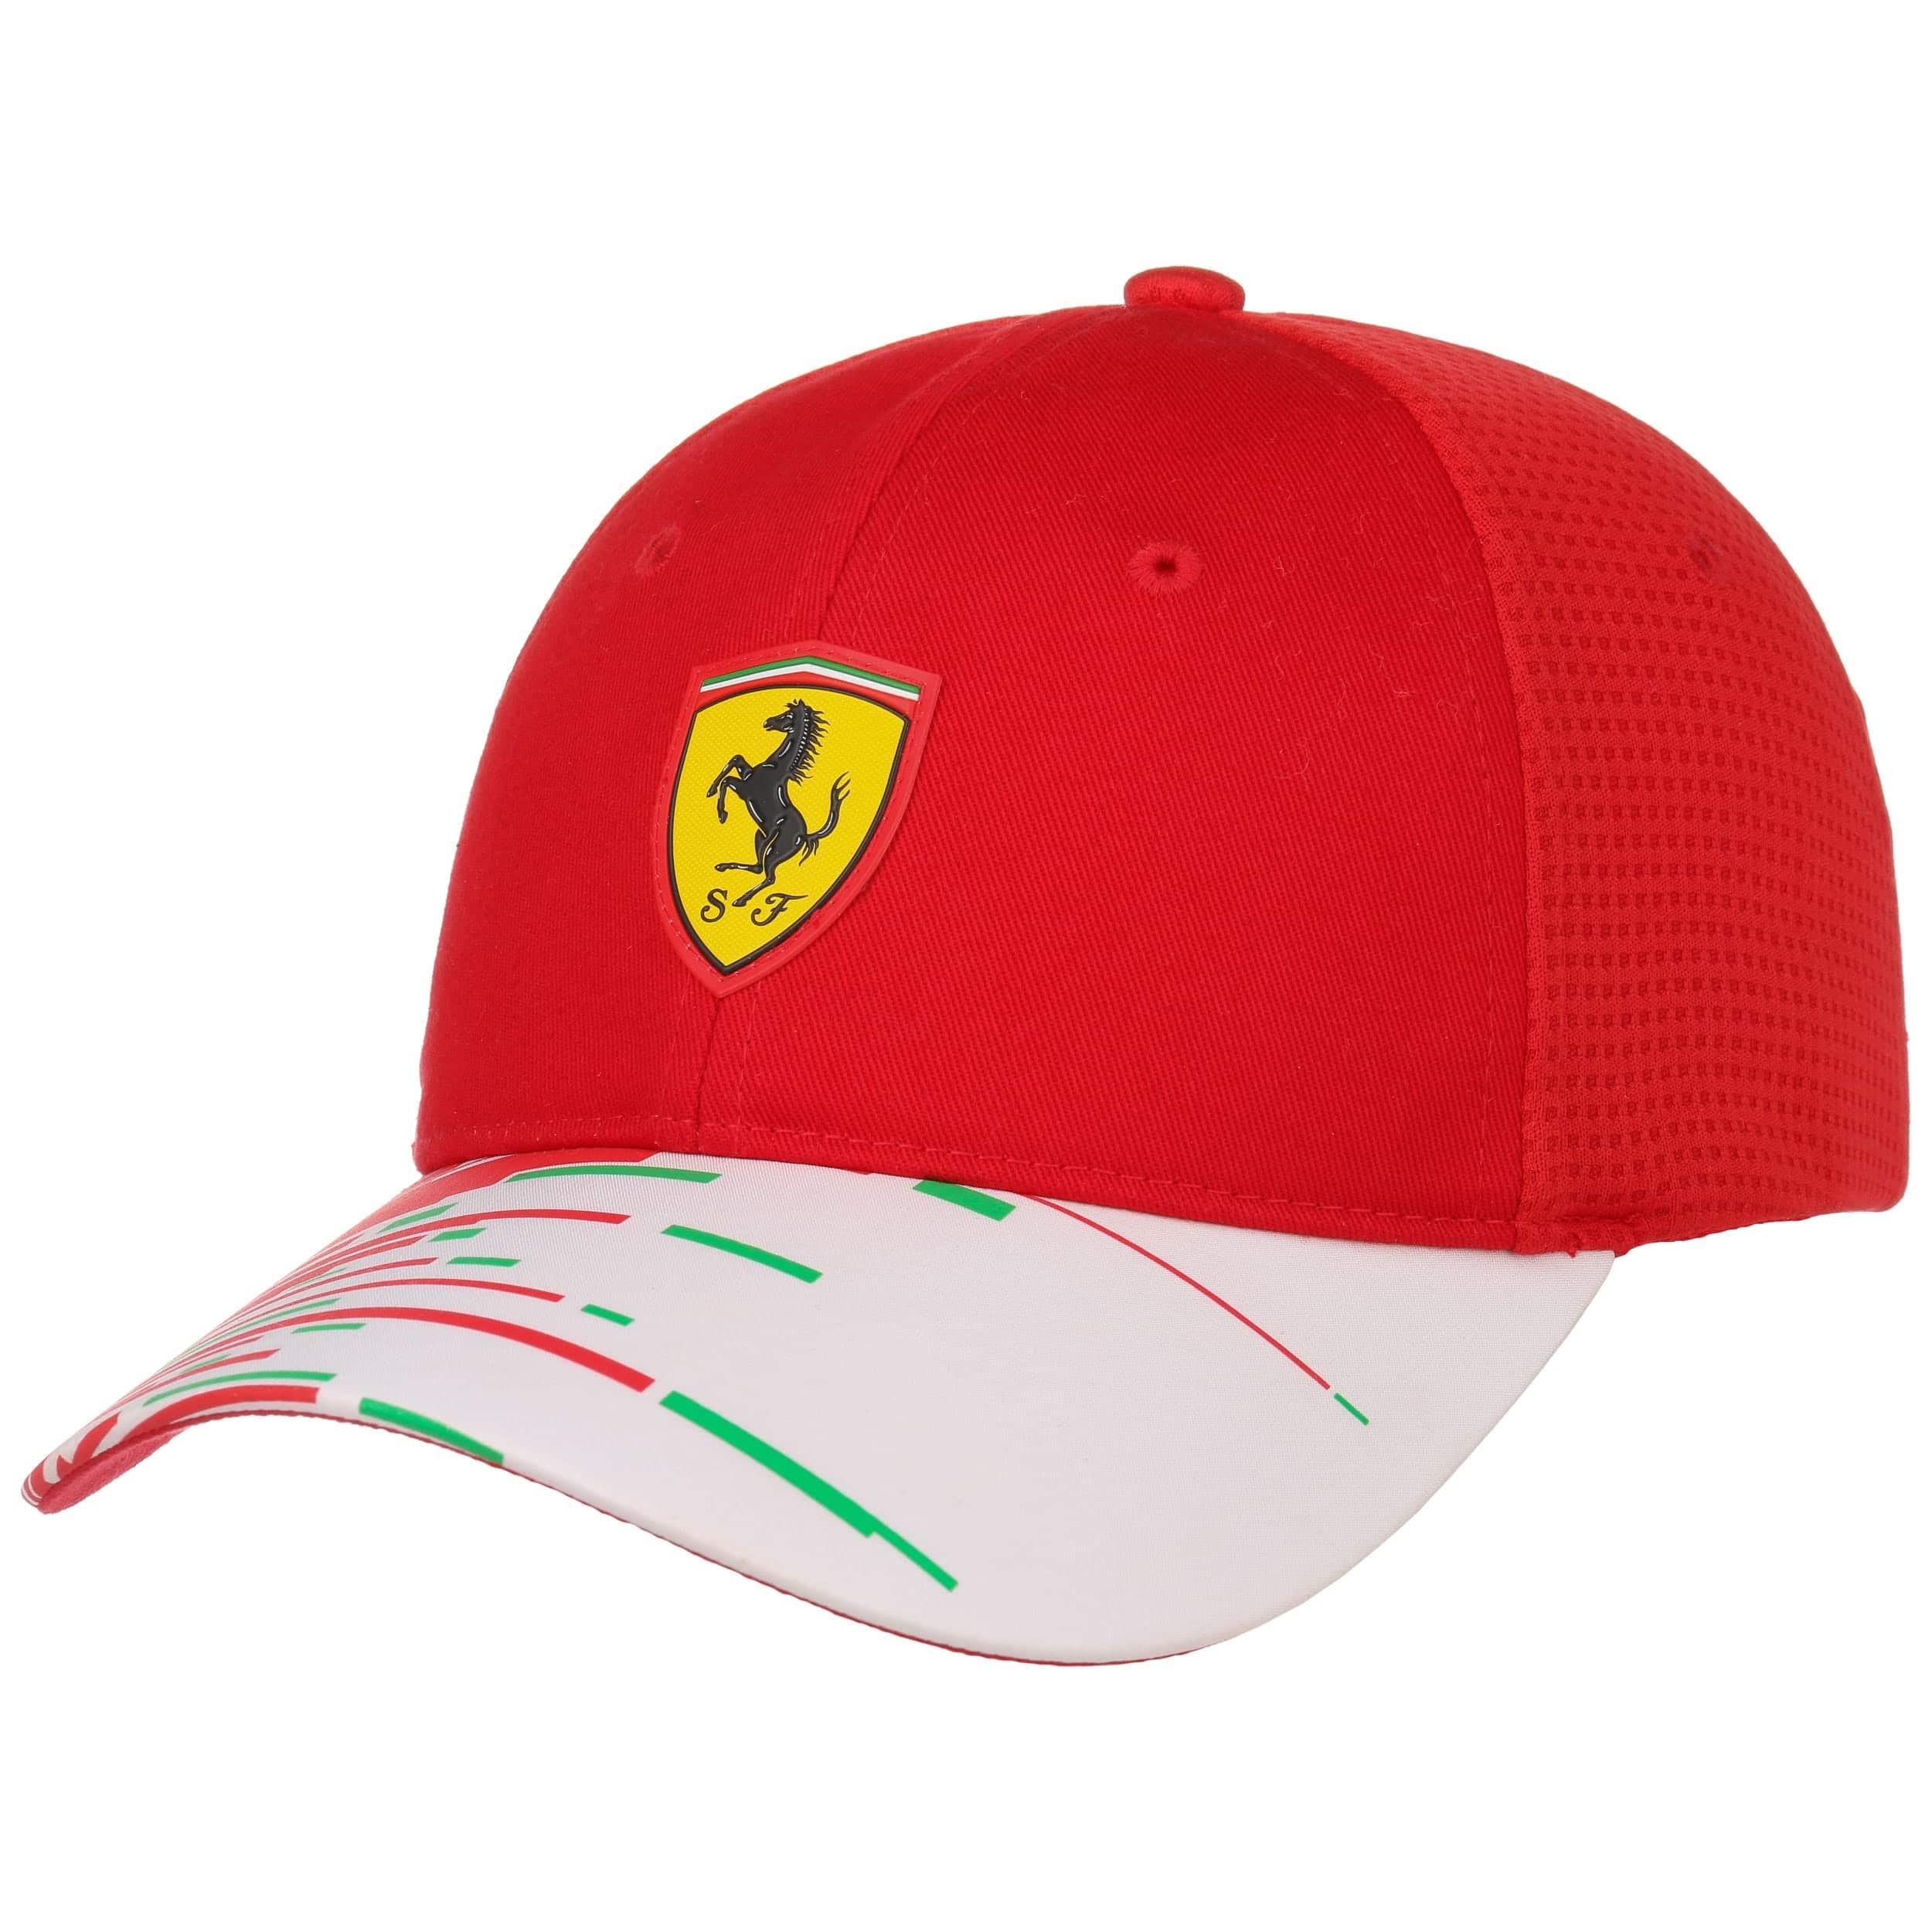 Ferrari Replica Team Cap By Puma 37 95